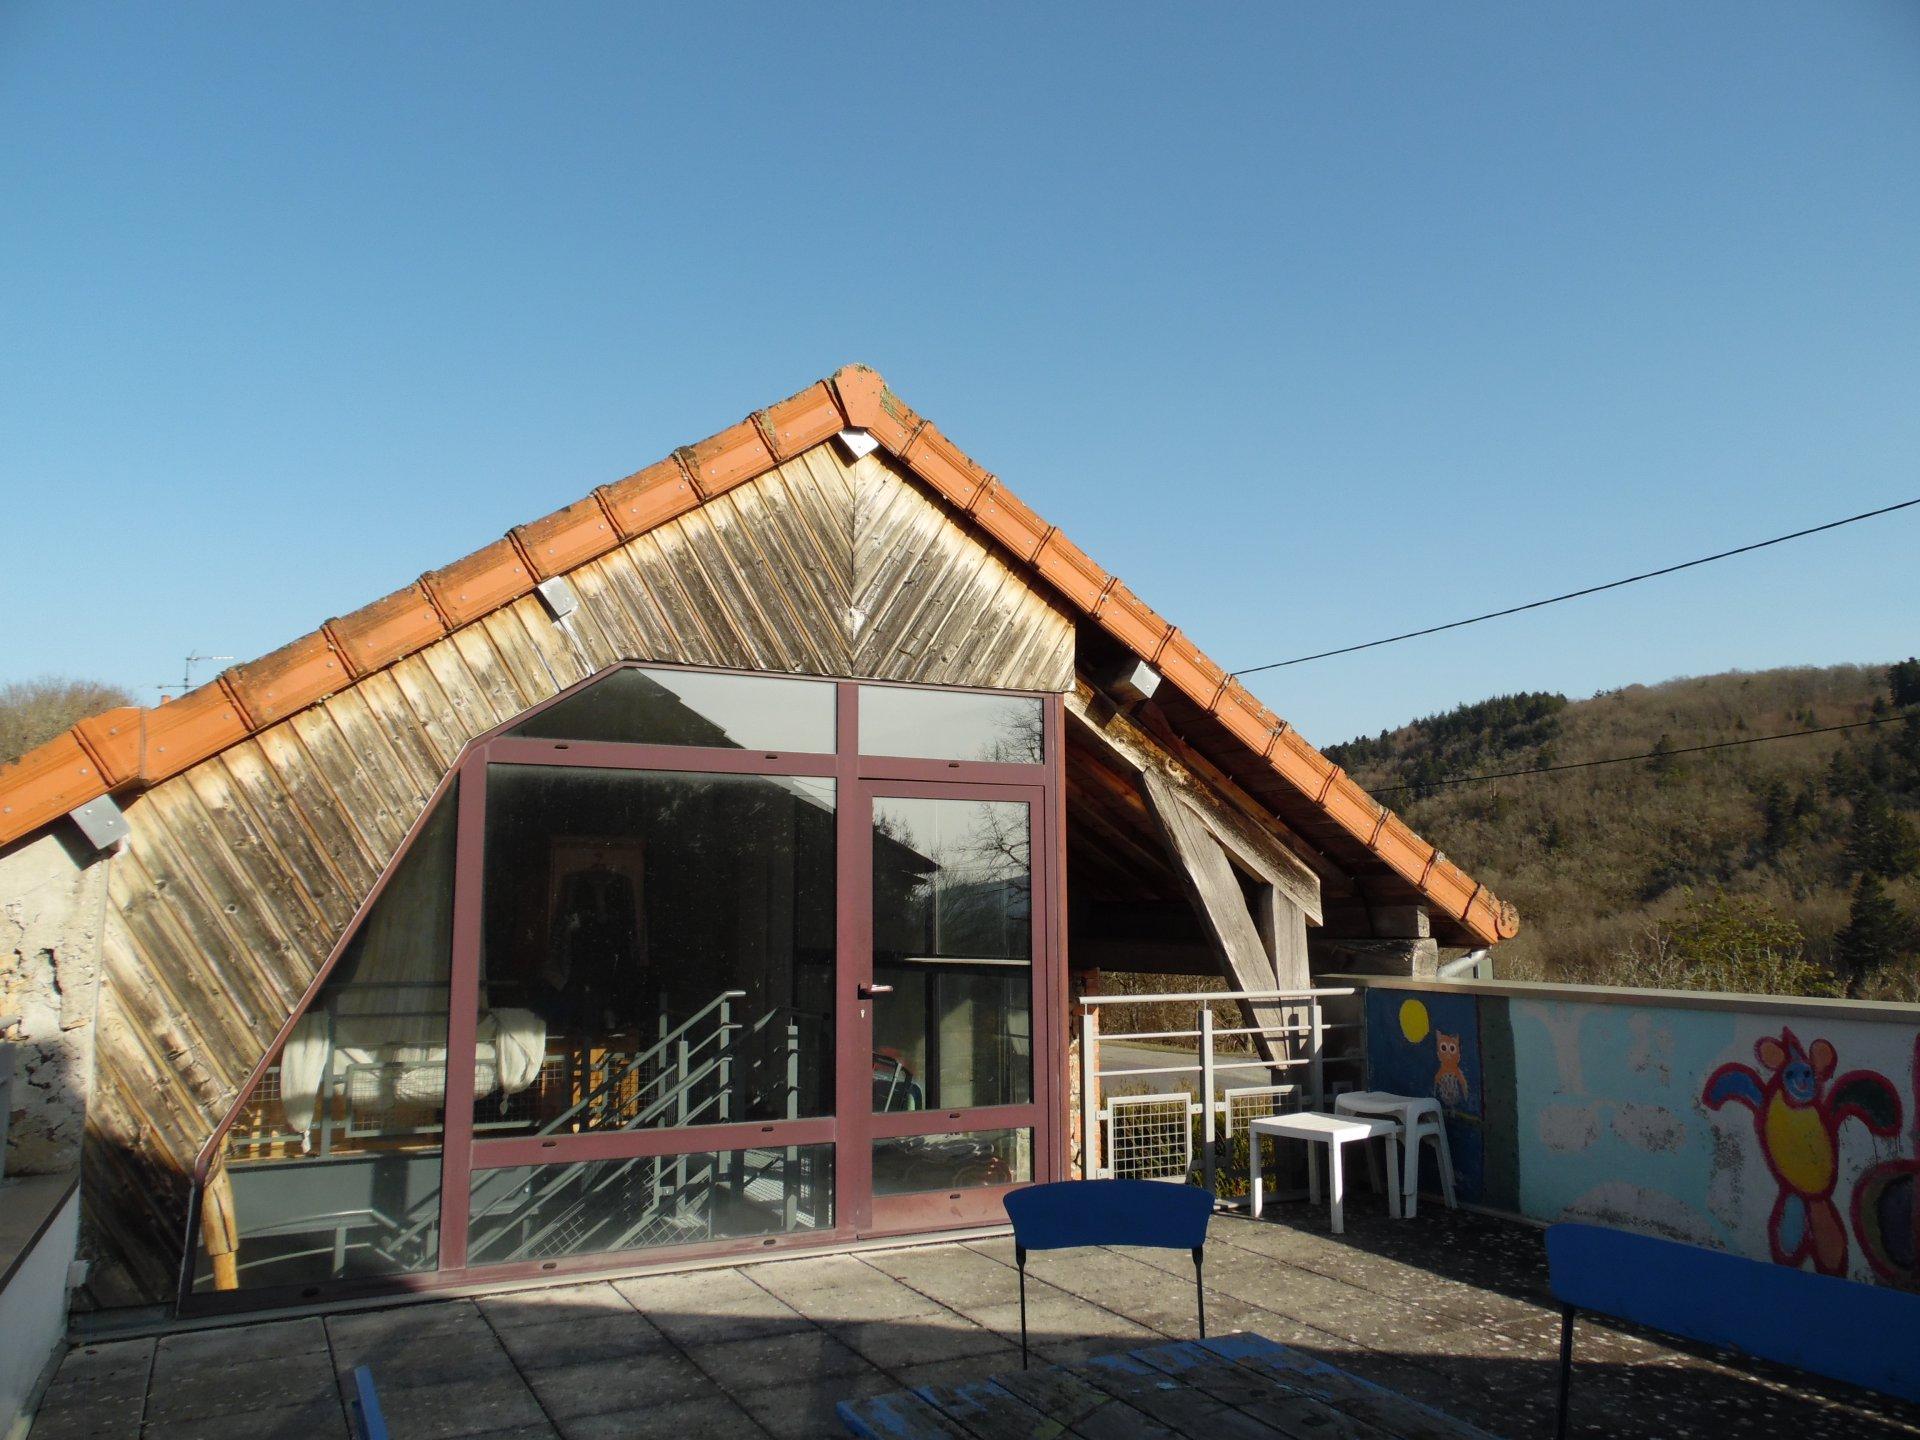 Maison à vendre en Auvergne avec dépendance et jardin